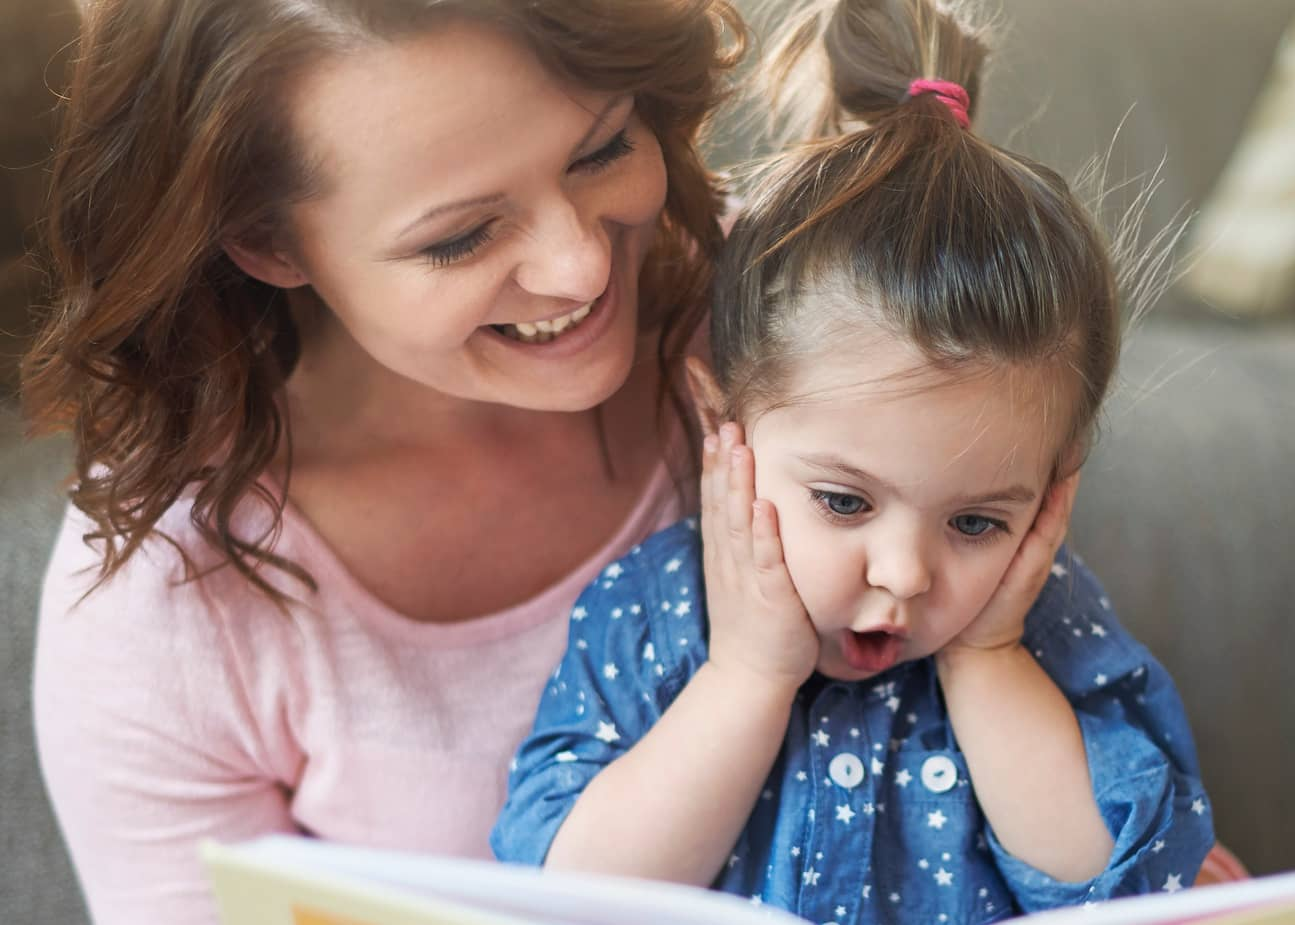 مهارت های زبانی کودک در چهار سالگی